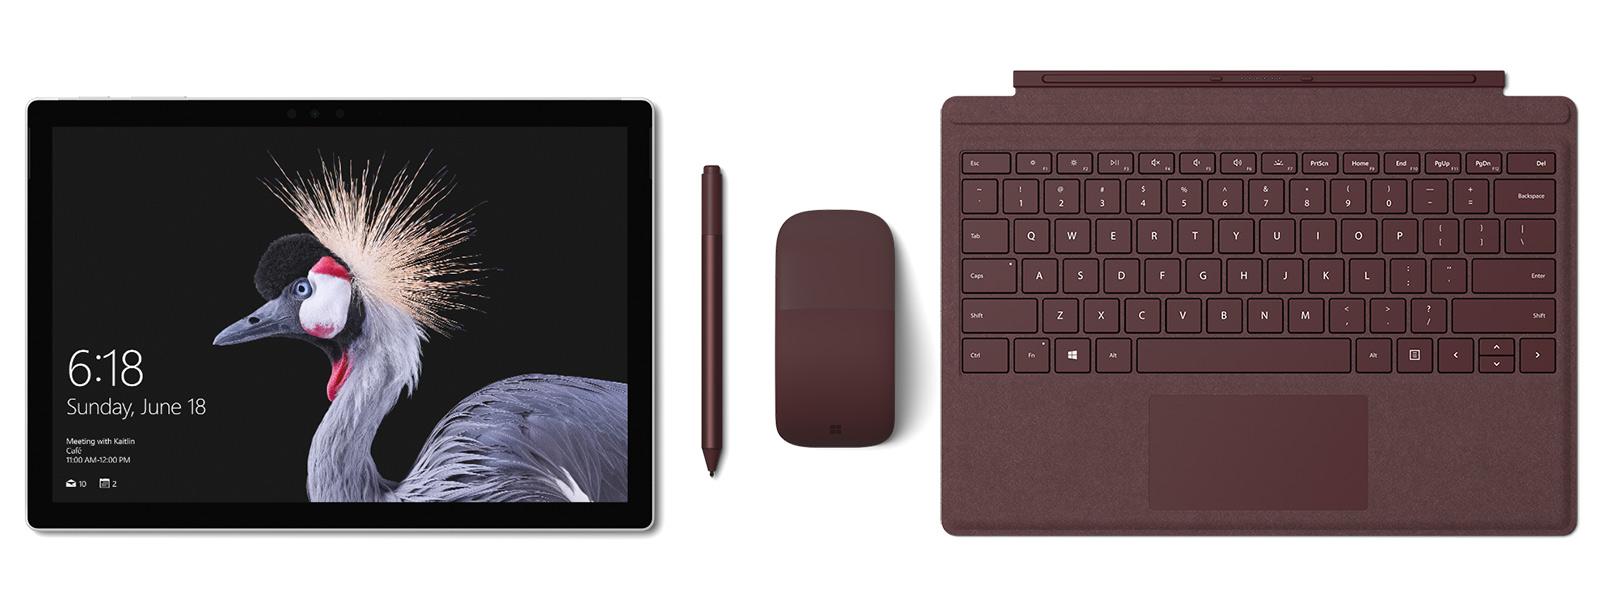 バーガンディ レッドの Surface Pro、Surface Pro Signature Type Cover と Surface Pen の画像 Surface ペン附属